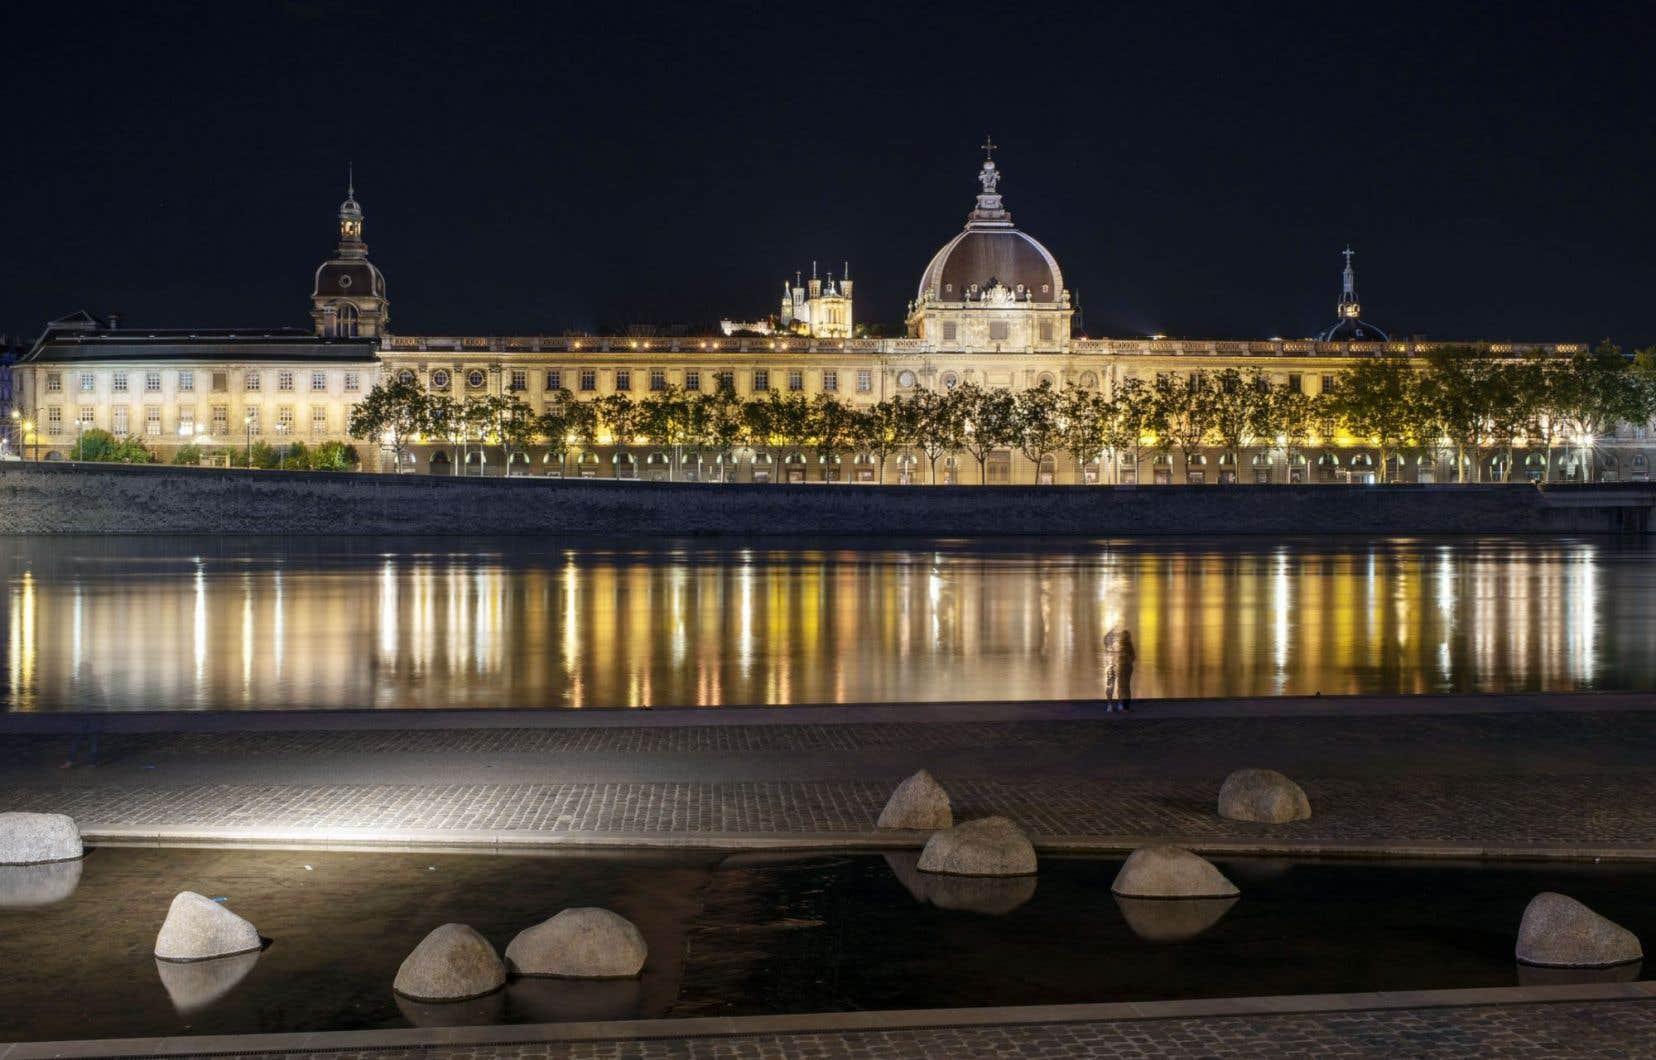 Situé sur une presqu'île, au cœur de Lyon, le Grand Hôtel-Dieu est bordé à l'est par le Rhône, au sud par la rue De La Barre et à l'ouest par la rue Bellecordière.